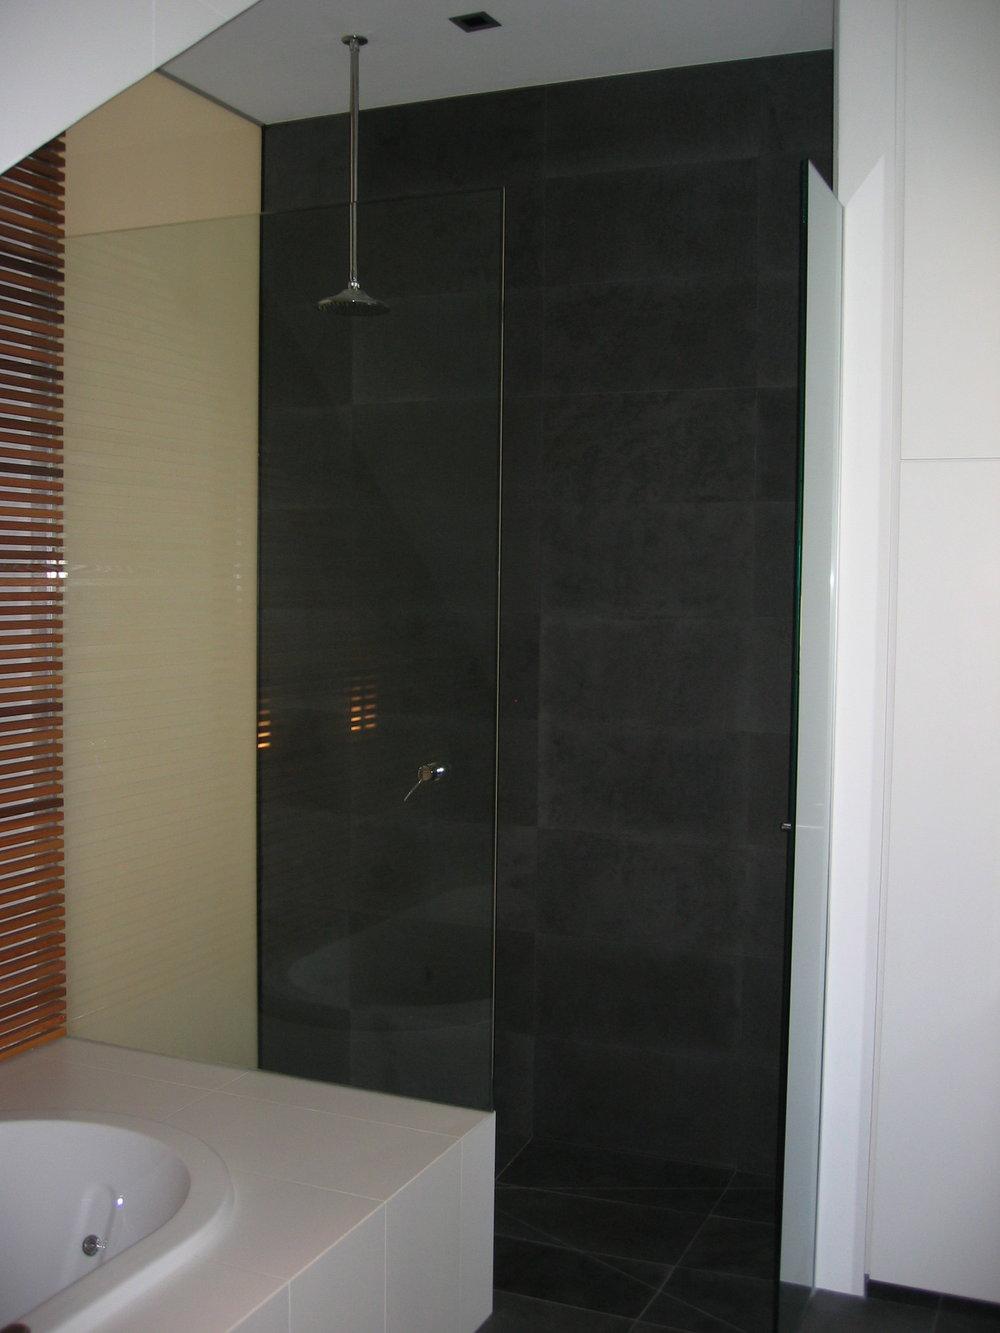 showerscreen_05.jpg